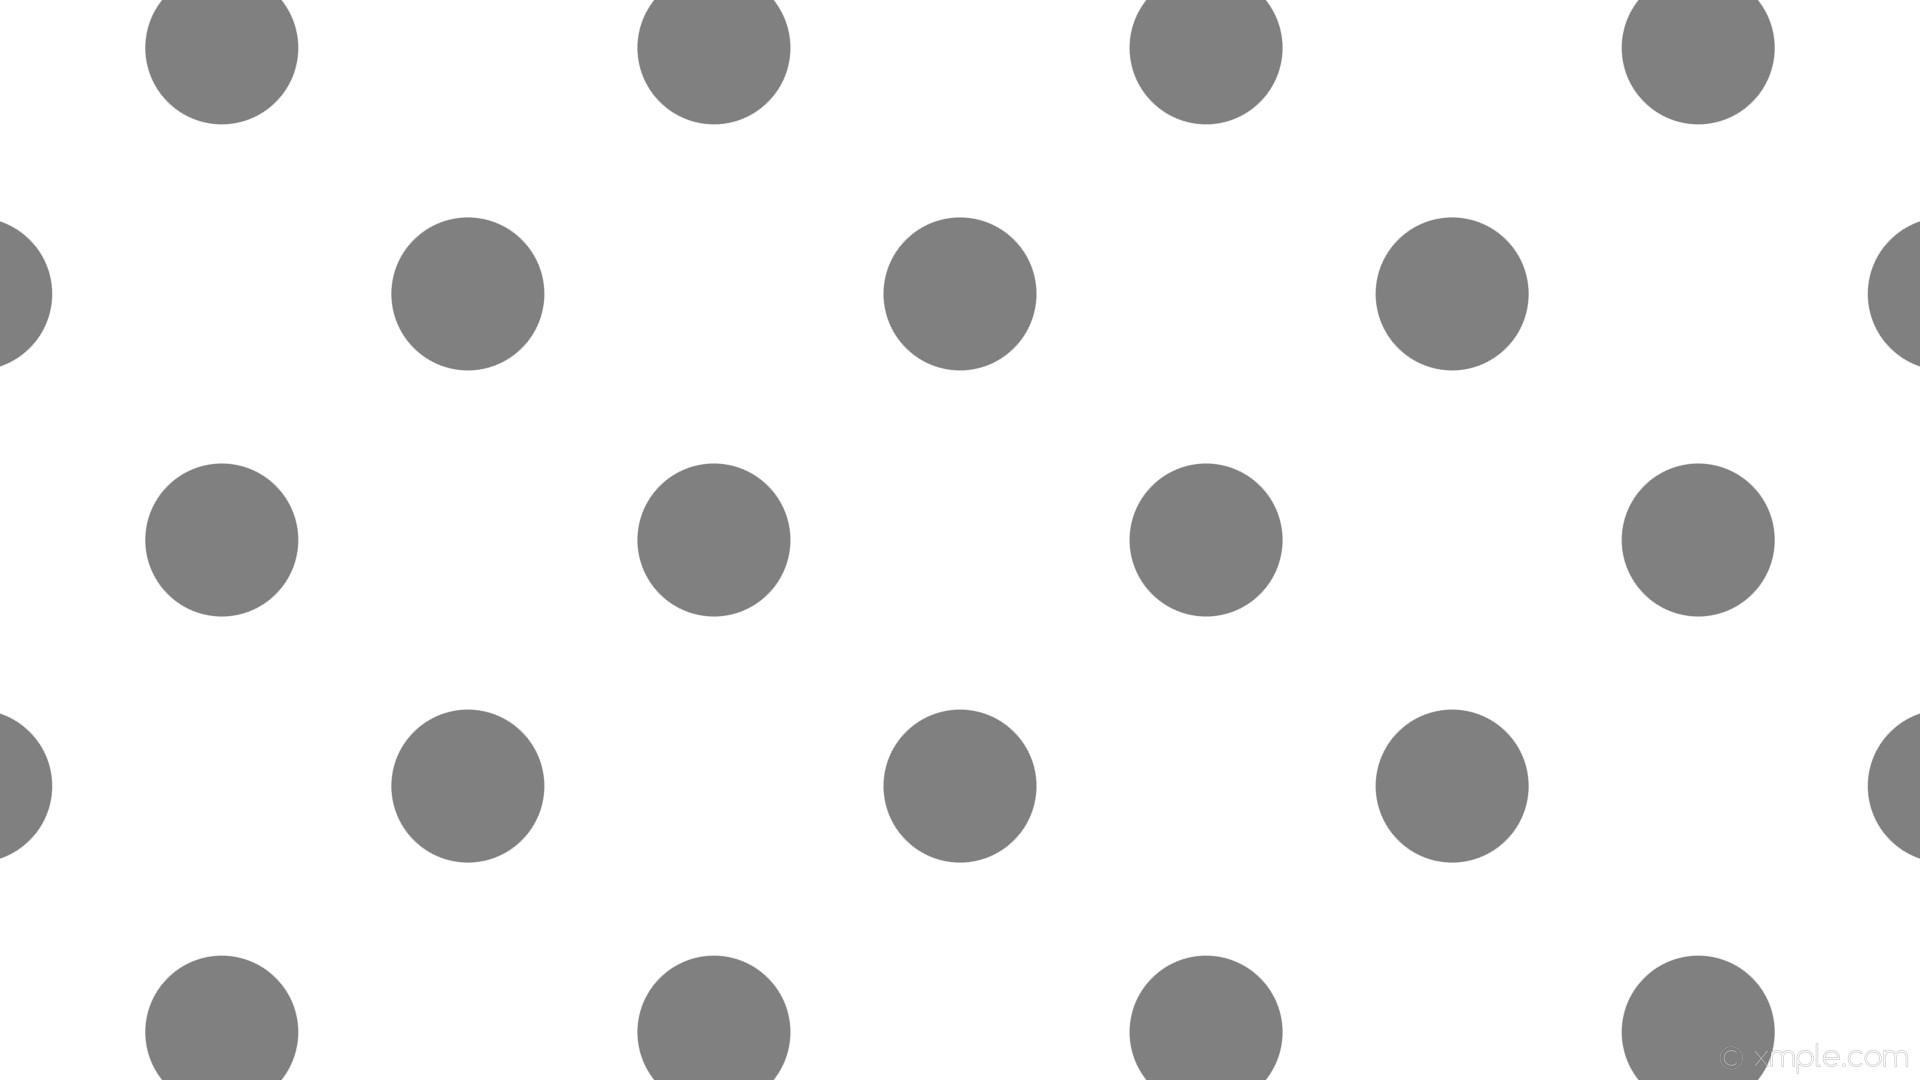 wallpaper grey polka white spots dots gray #ffffff #808080 225° 153px 348px